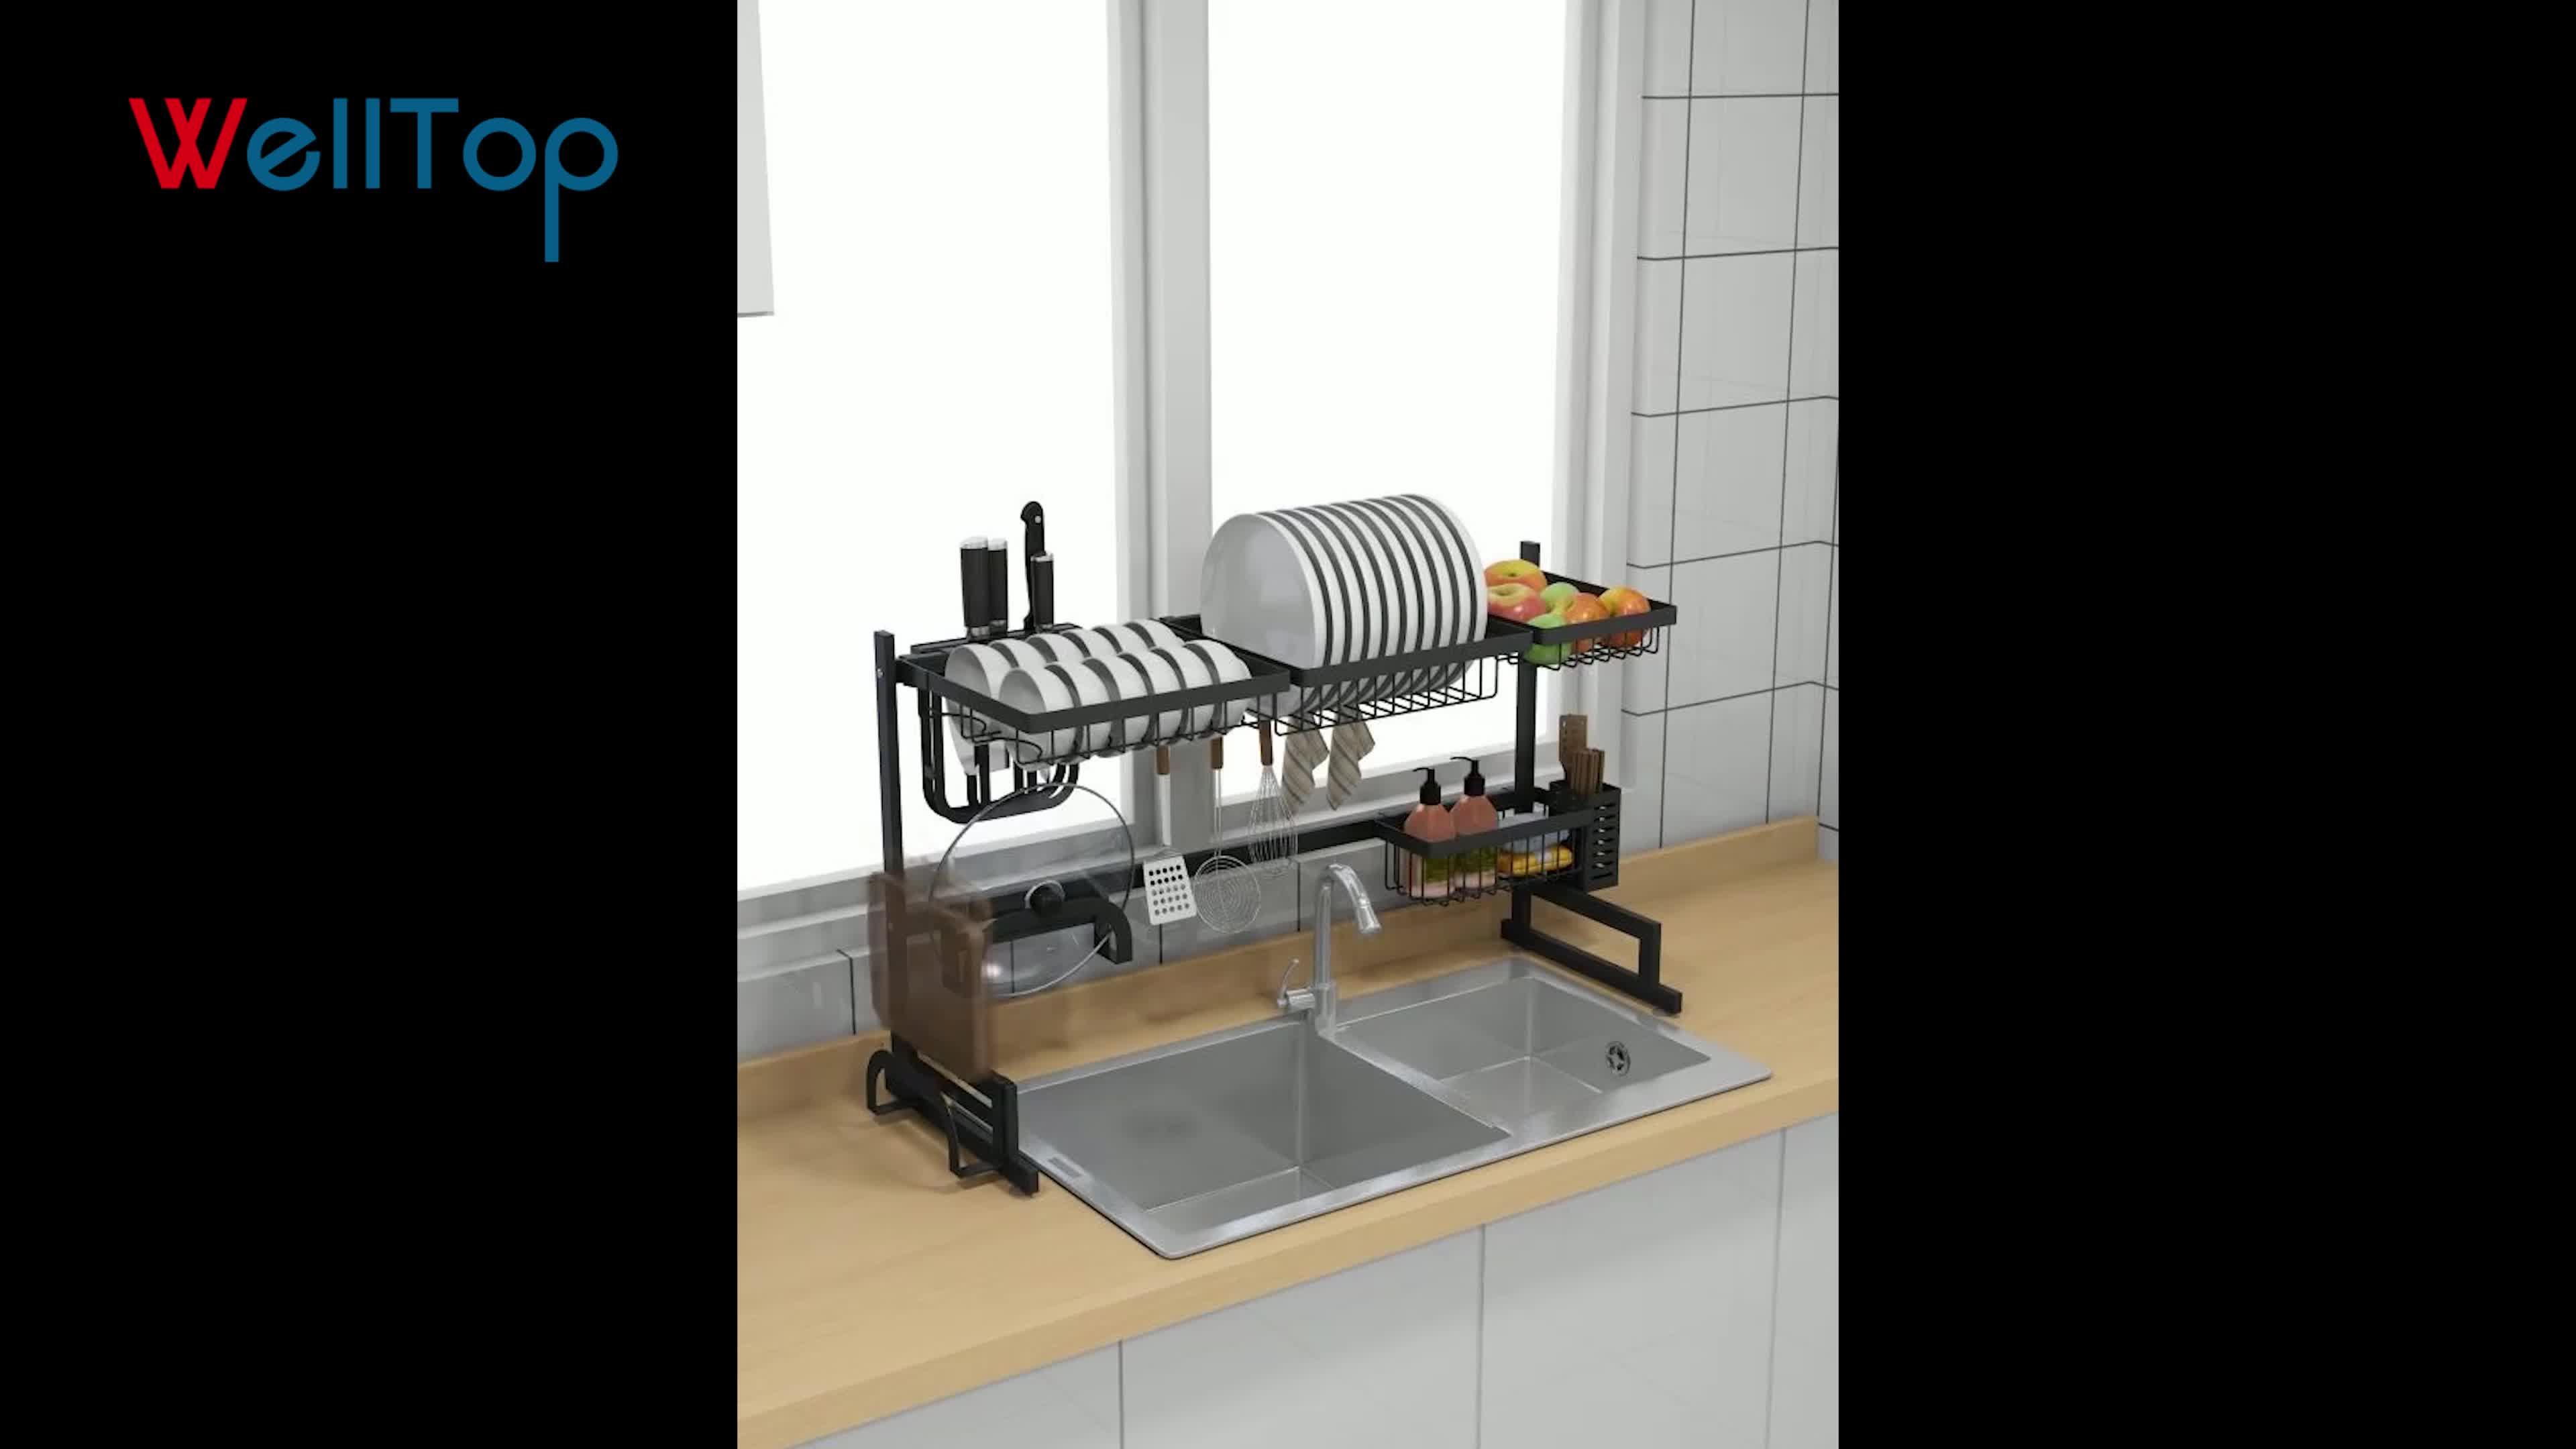 多機能金属ステンレス鋼キッチンボウルプレート皿収納ラック VT-09.009